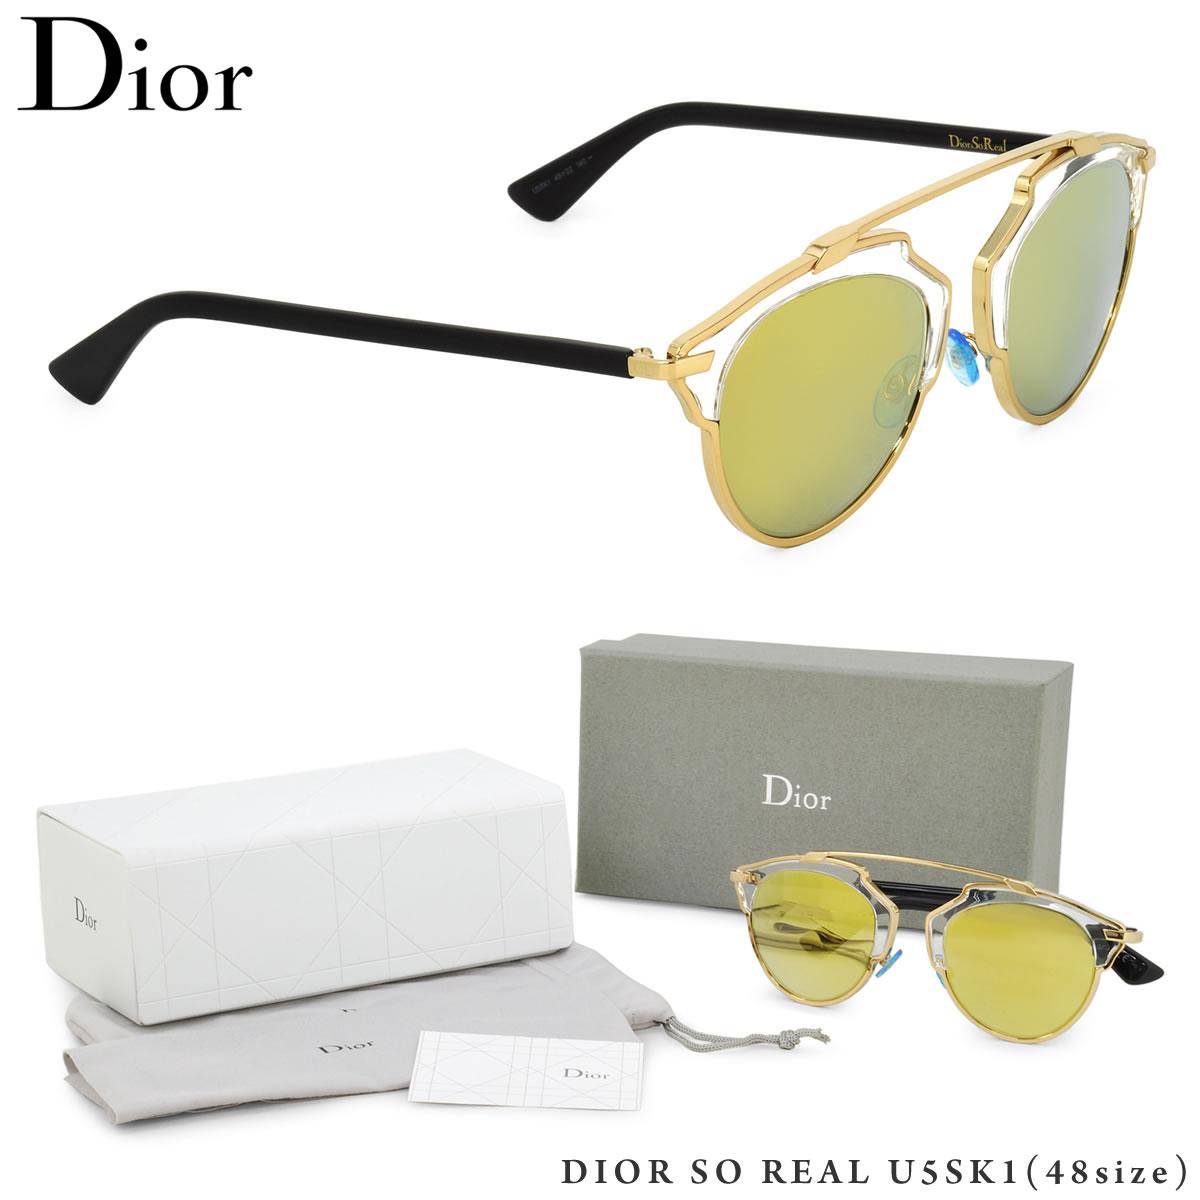 【10月30日からエントリーで全品ポイント20倍】【Dior】 (ディオール) サングラスDIORSOREAL U5SK1 48サイズSO REAL SOREAL ソレアル ソーレアル ボストン 丸メガネ ミラーDior レディース